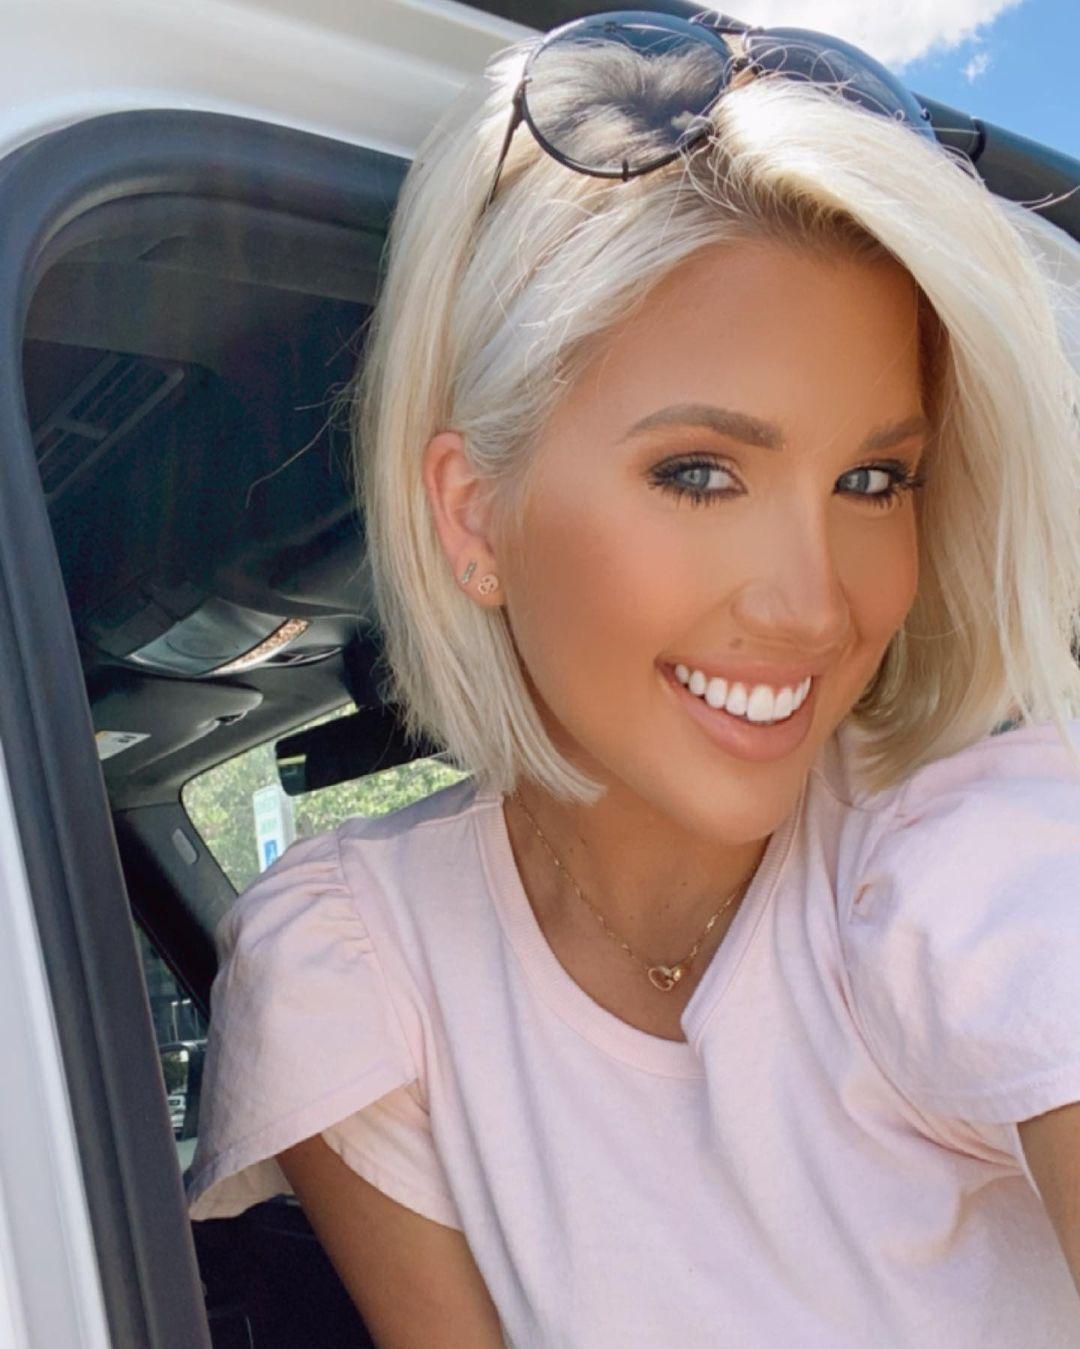 Savannah Chrisley car selfie